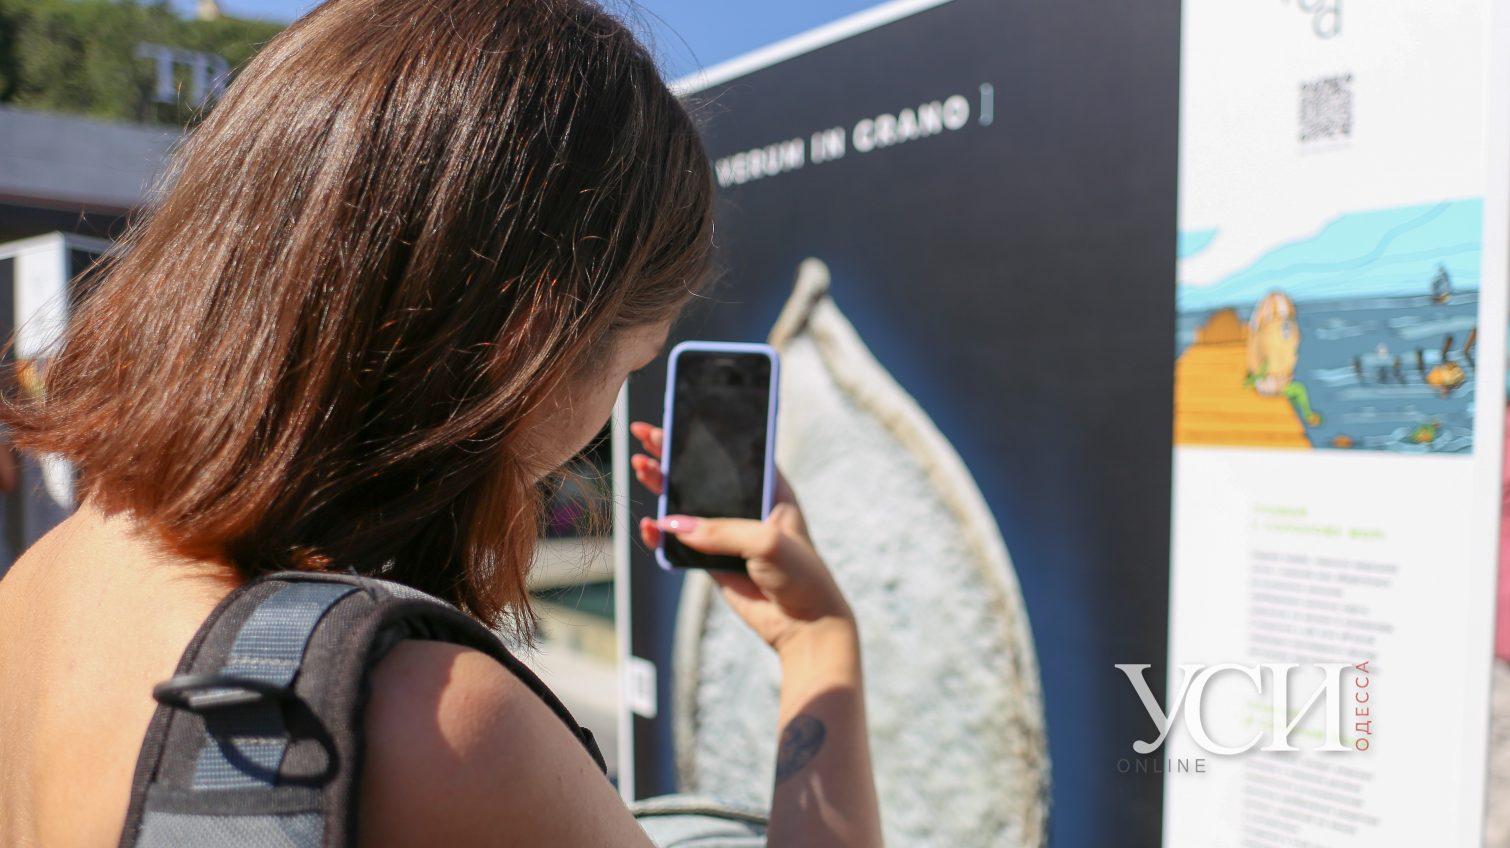 Verum in grano, или Истина в зерне: в Аркадии открылась выставка (фоторепортаж) «фото»